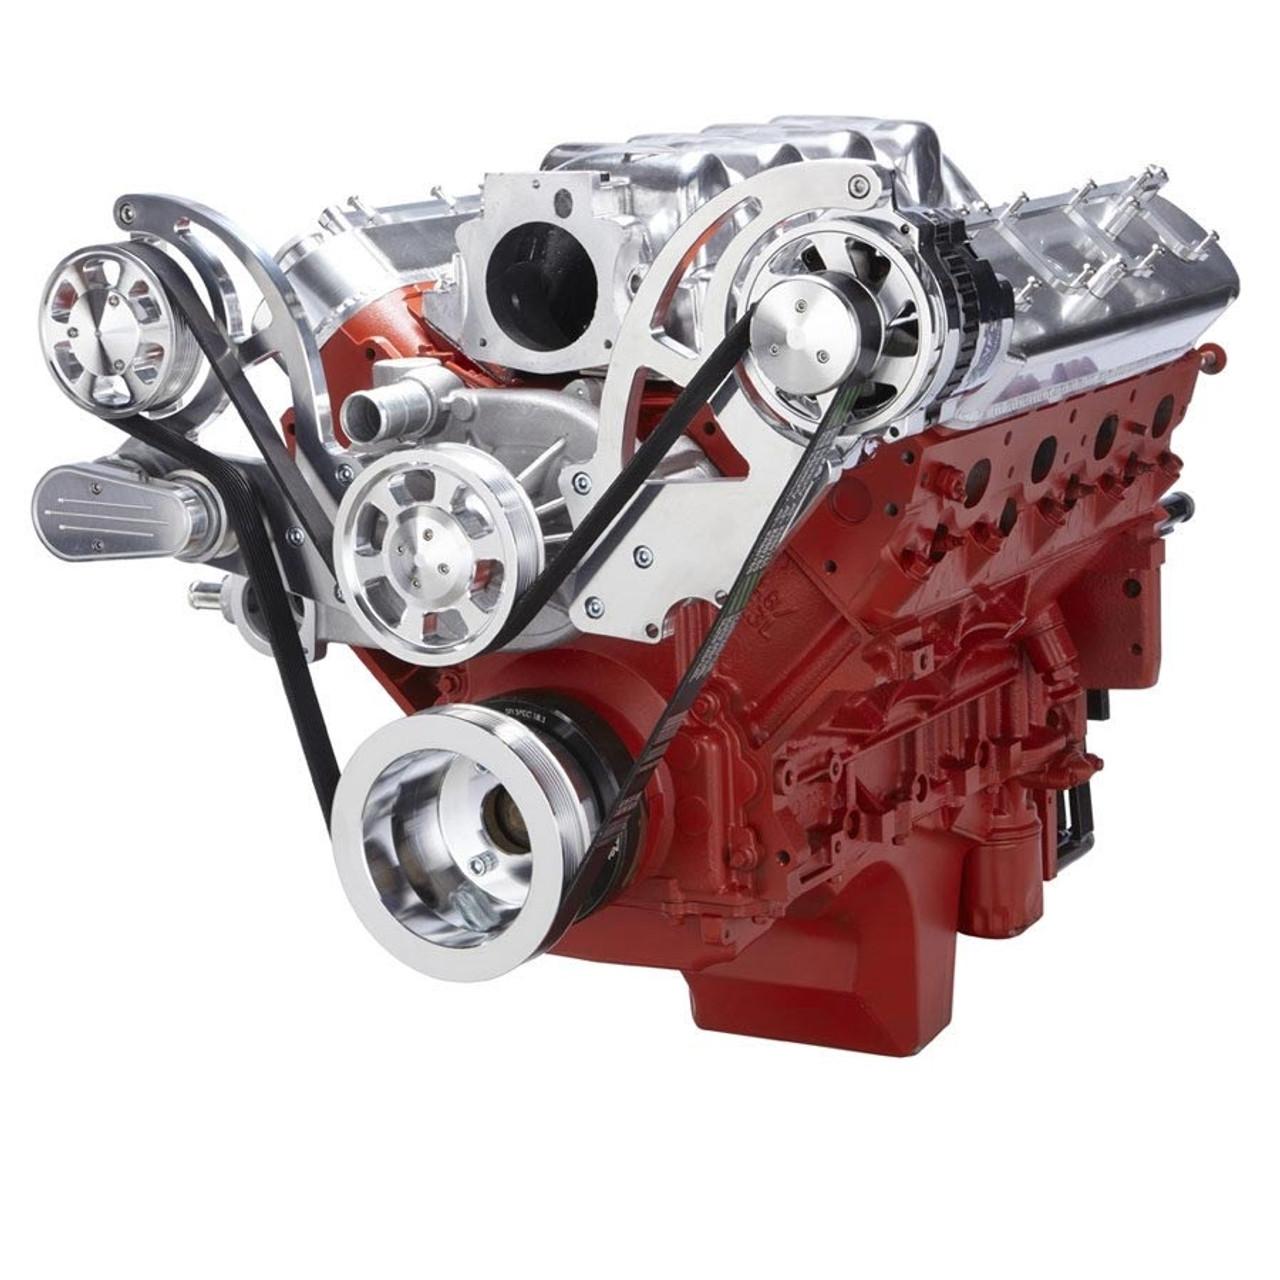 Chevy LS Engine High Mount Serpentine Kit - Alternator Only